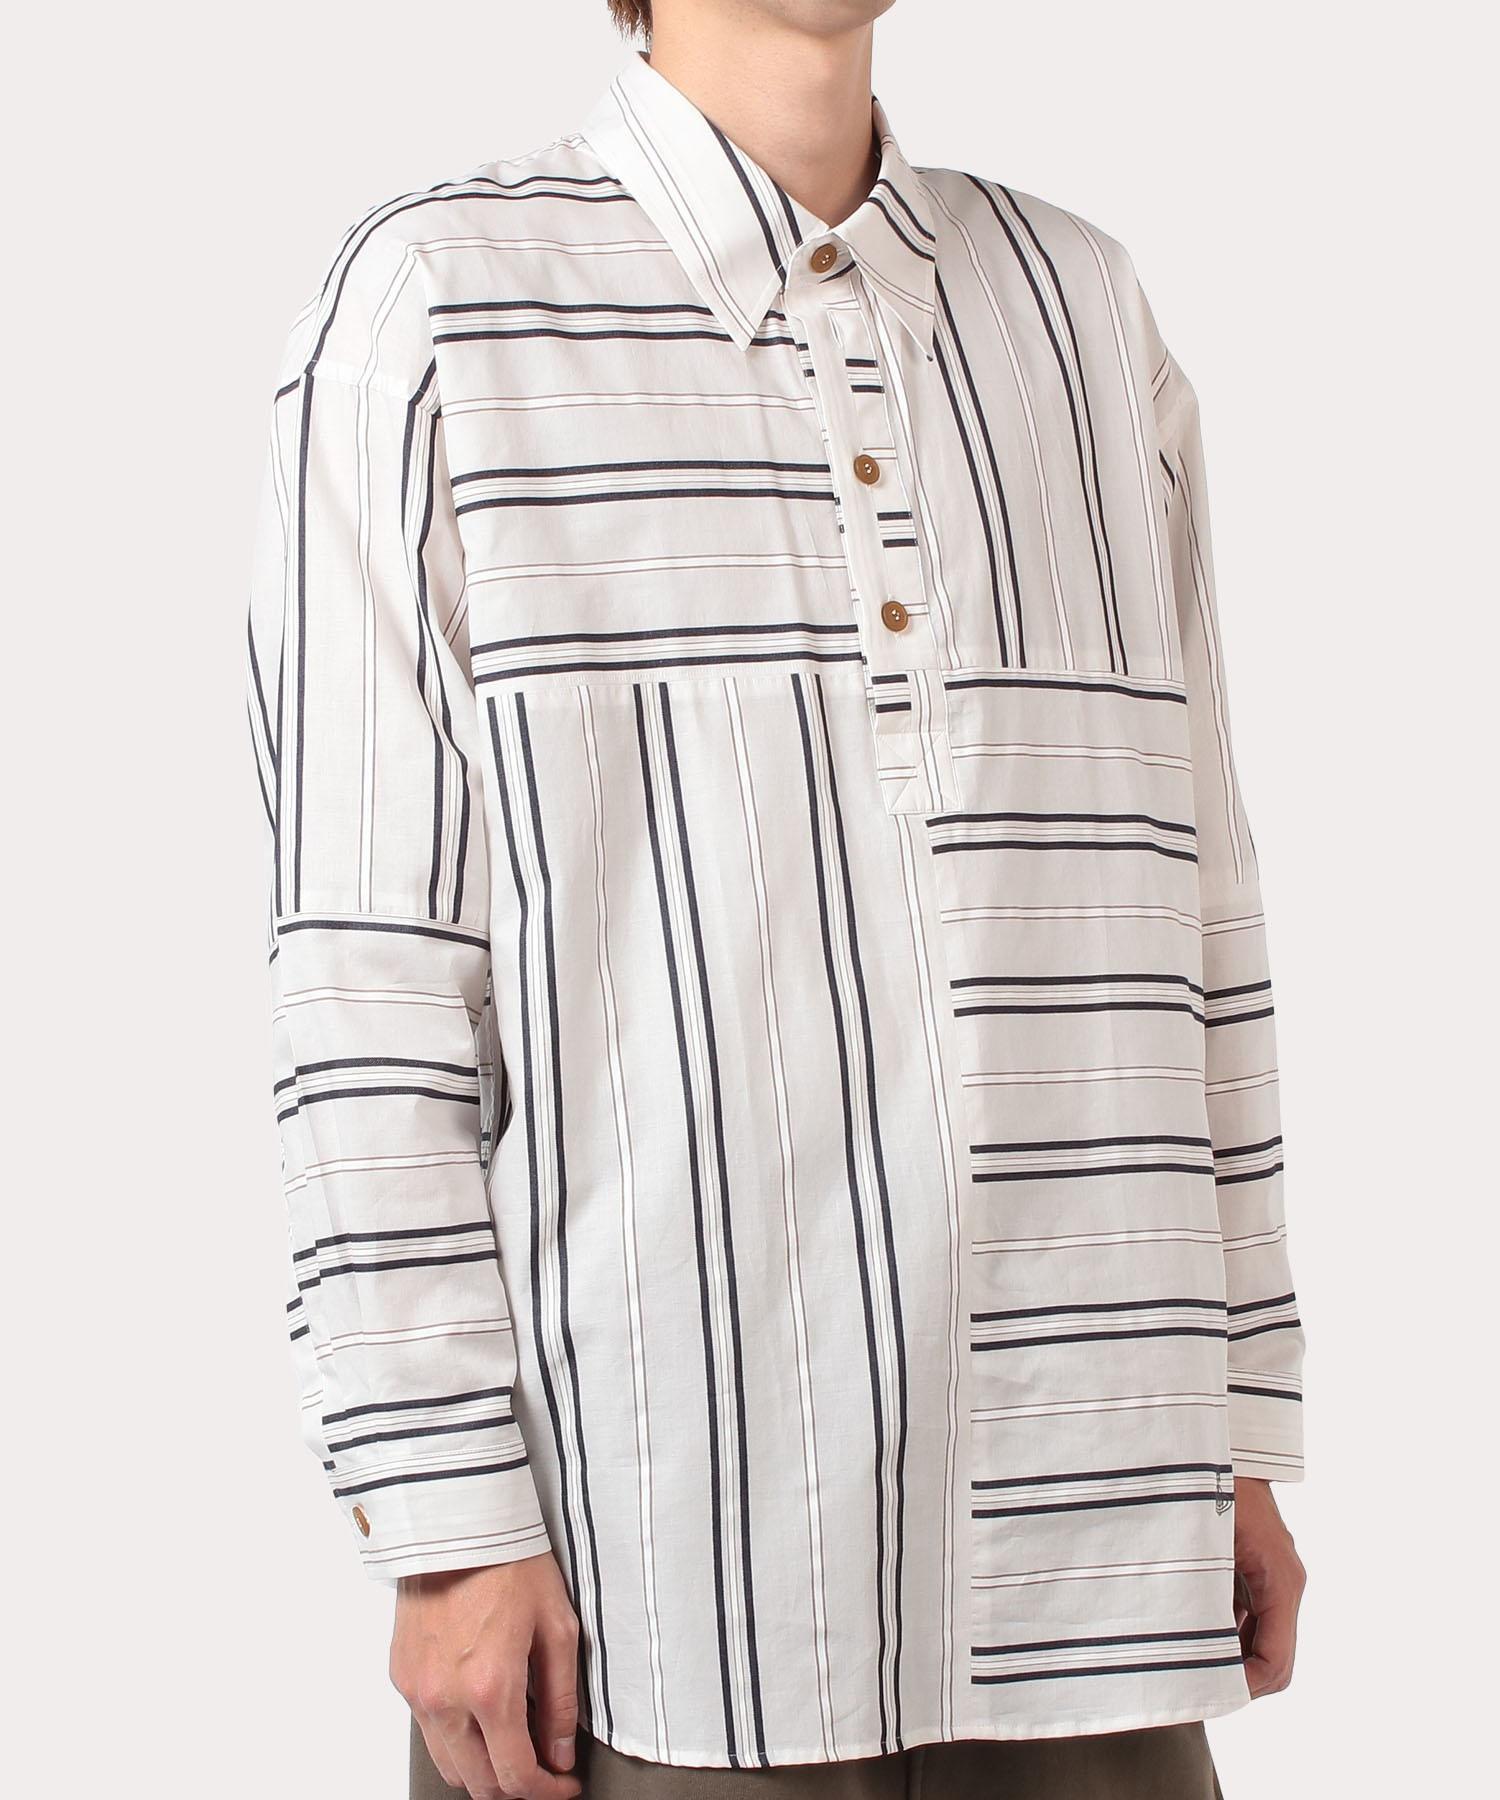 マルチストライプ バクタシャツ